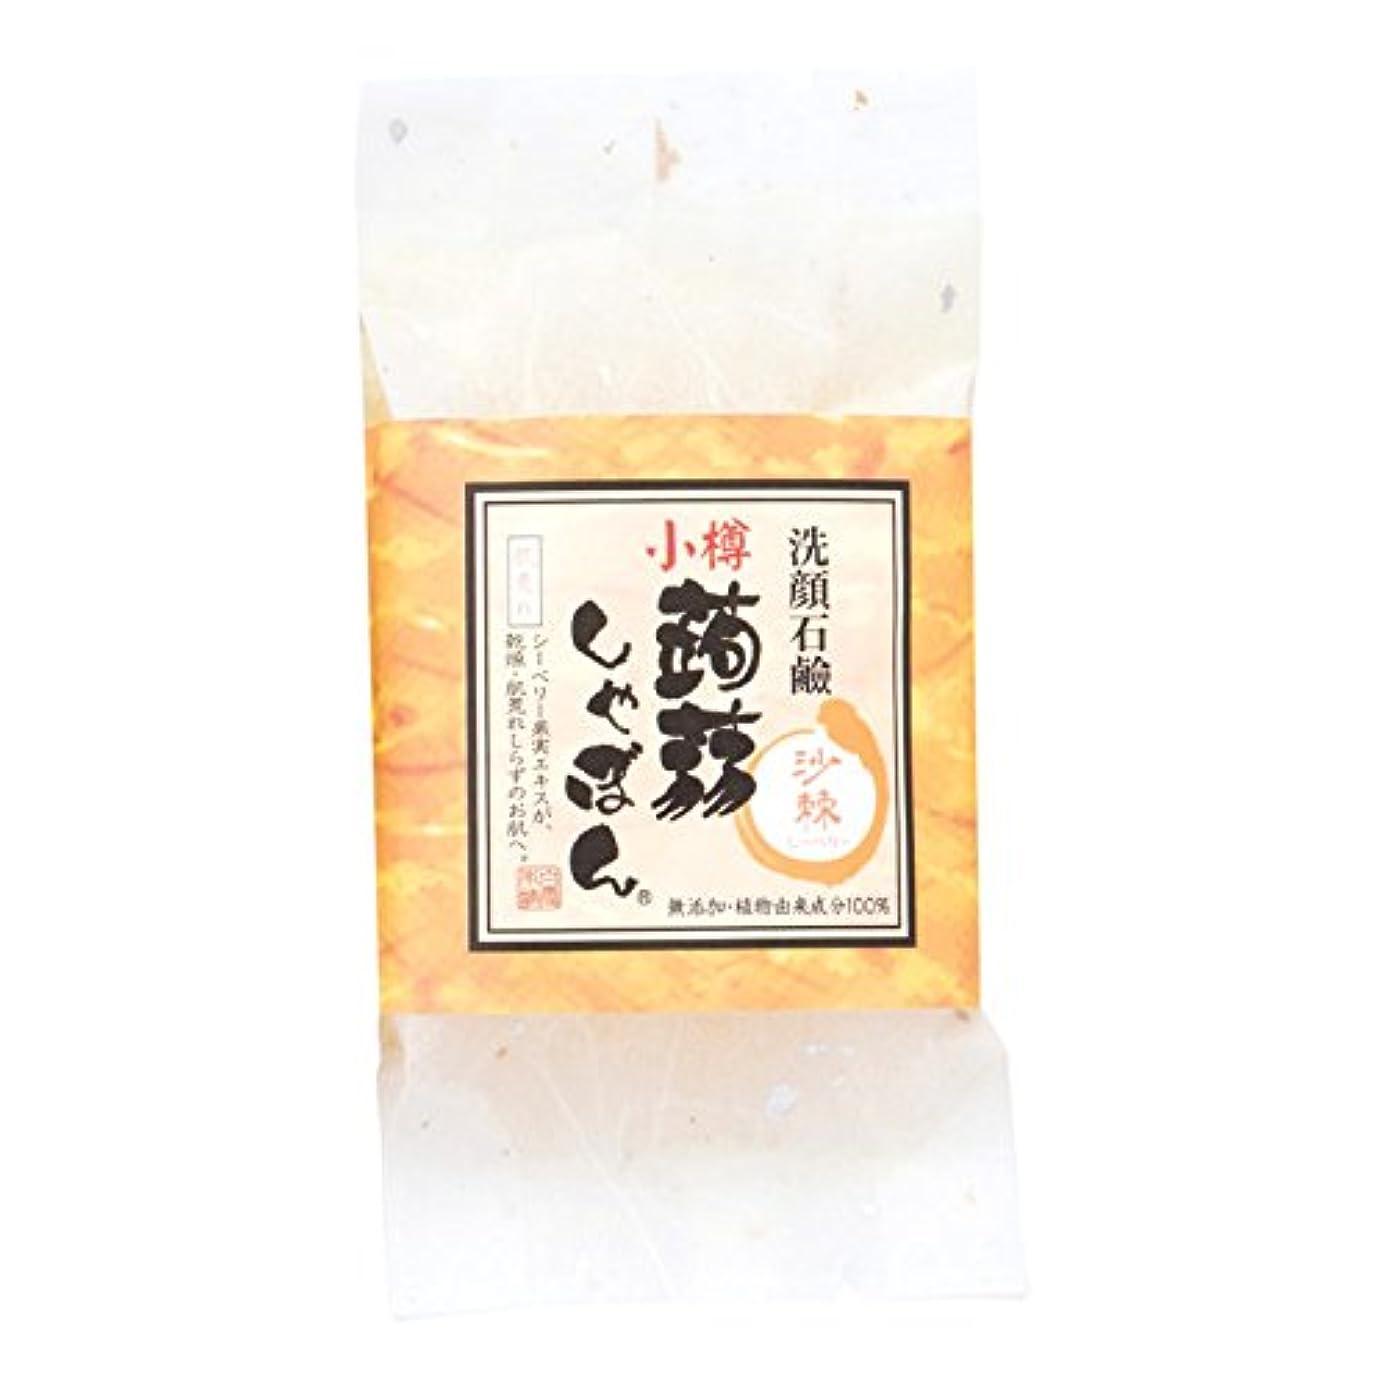 臨検夜消費者小樽蒟蒻しゃぼん小樽 沙棘(しーべりー)